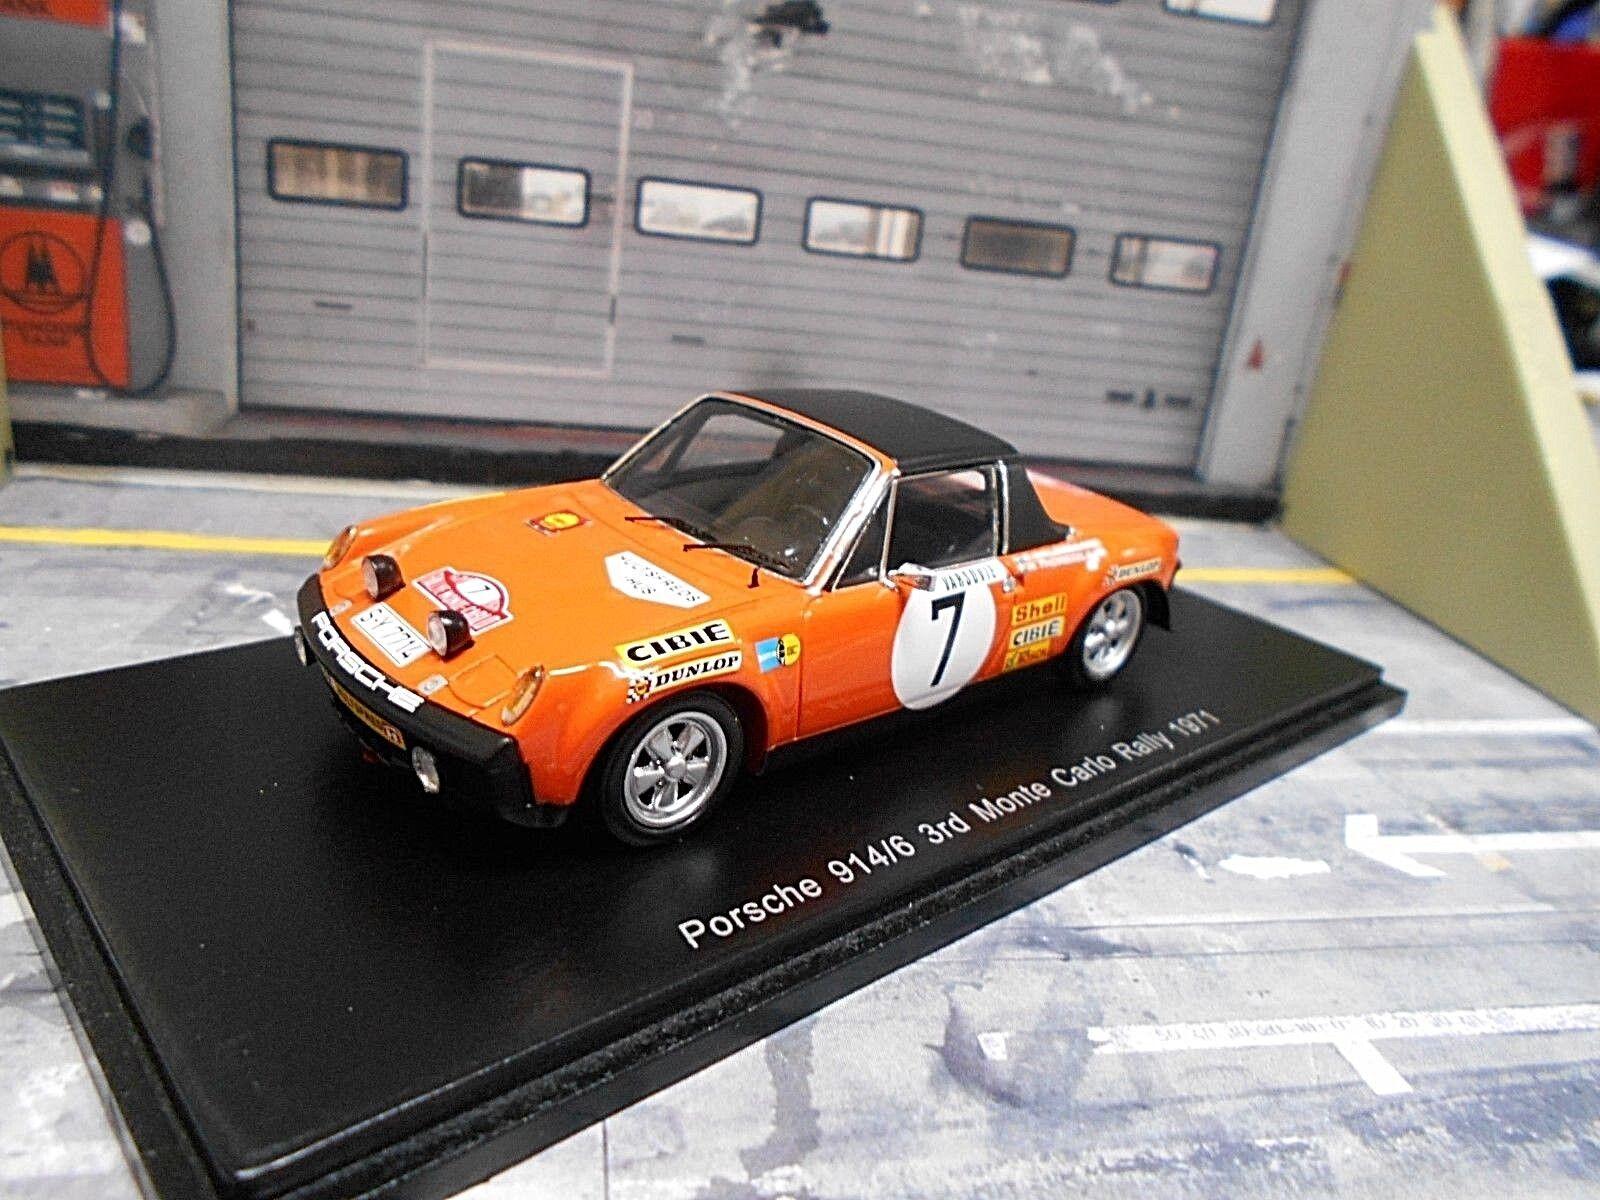 PORSCHE 914 6 914 Rallye Monte Carlo 1971 1971 1971 Waldegaard Nightversion Spark 1 43 698163